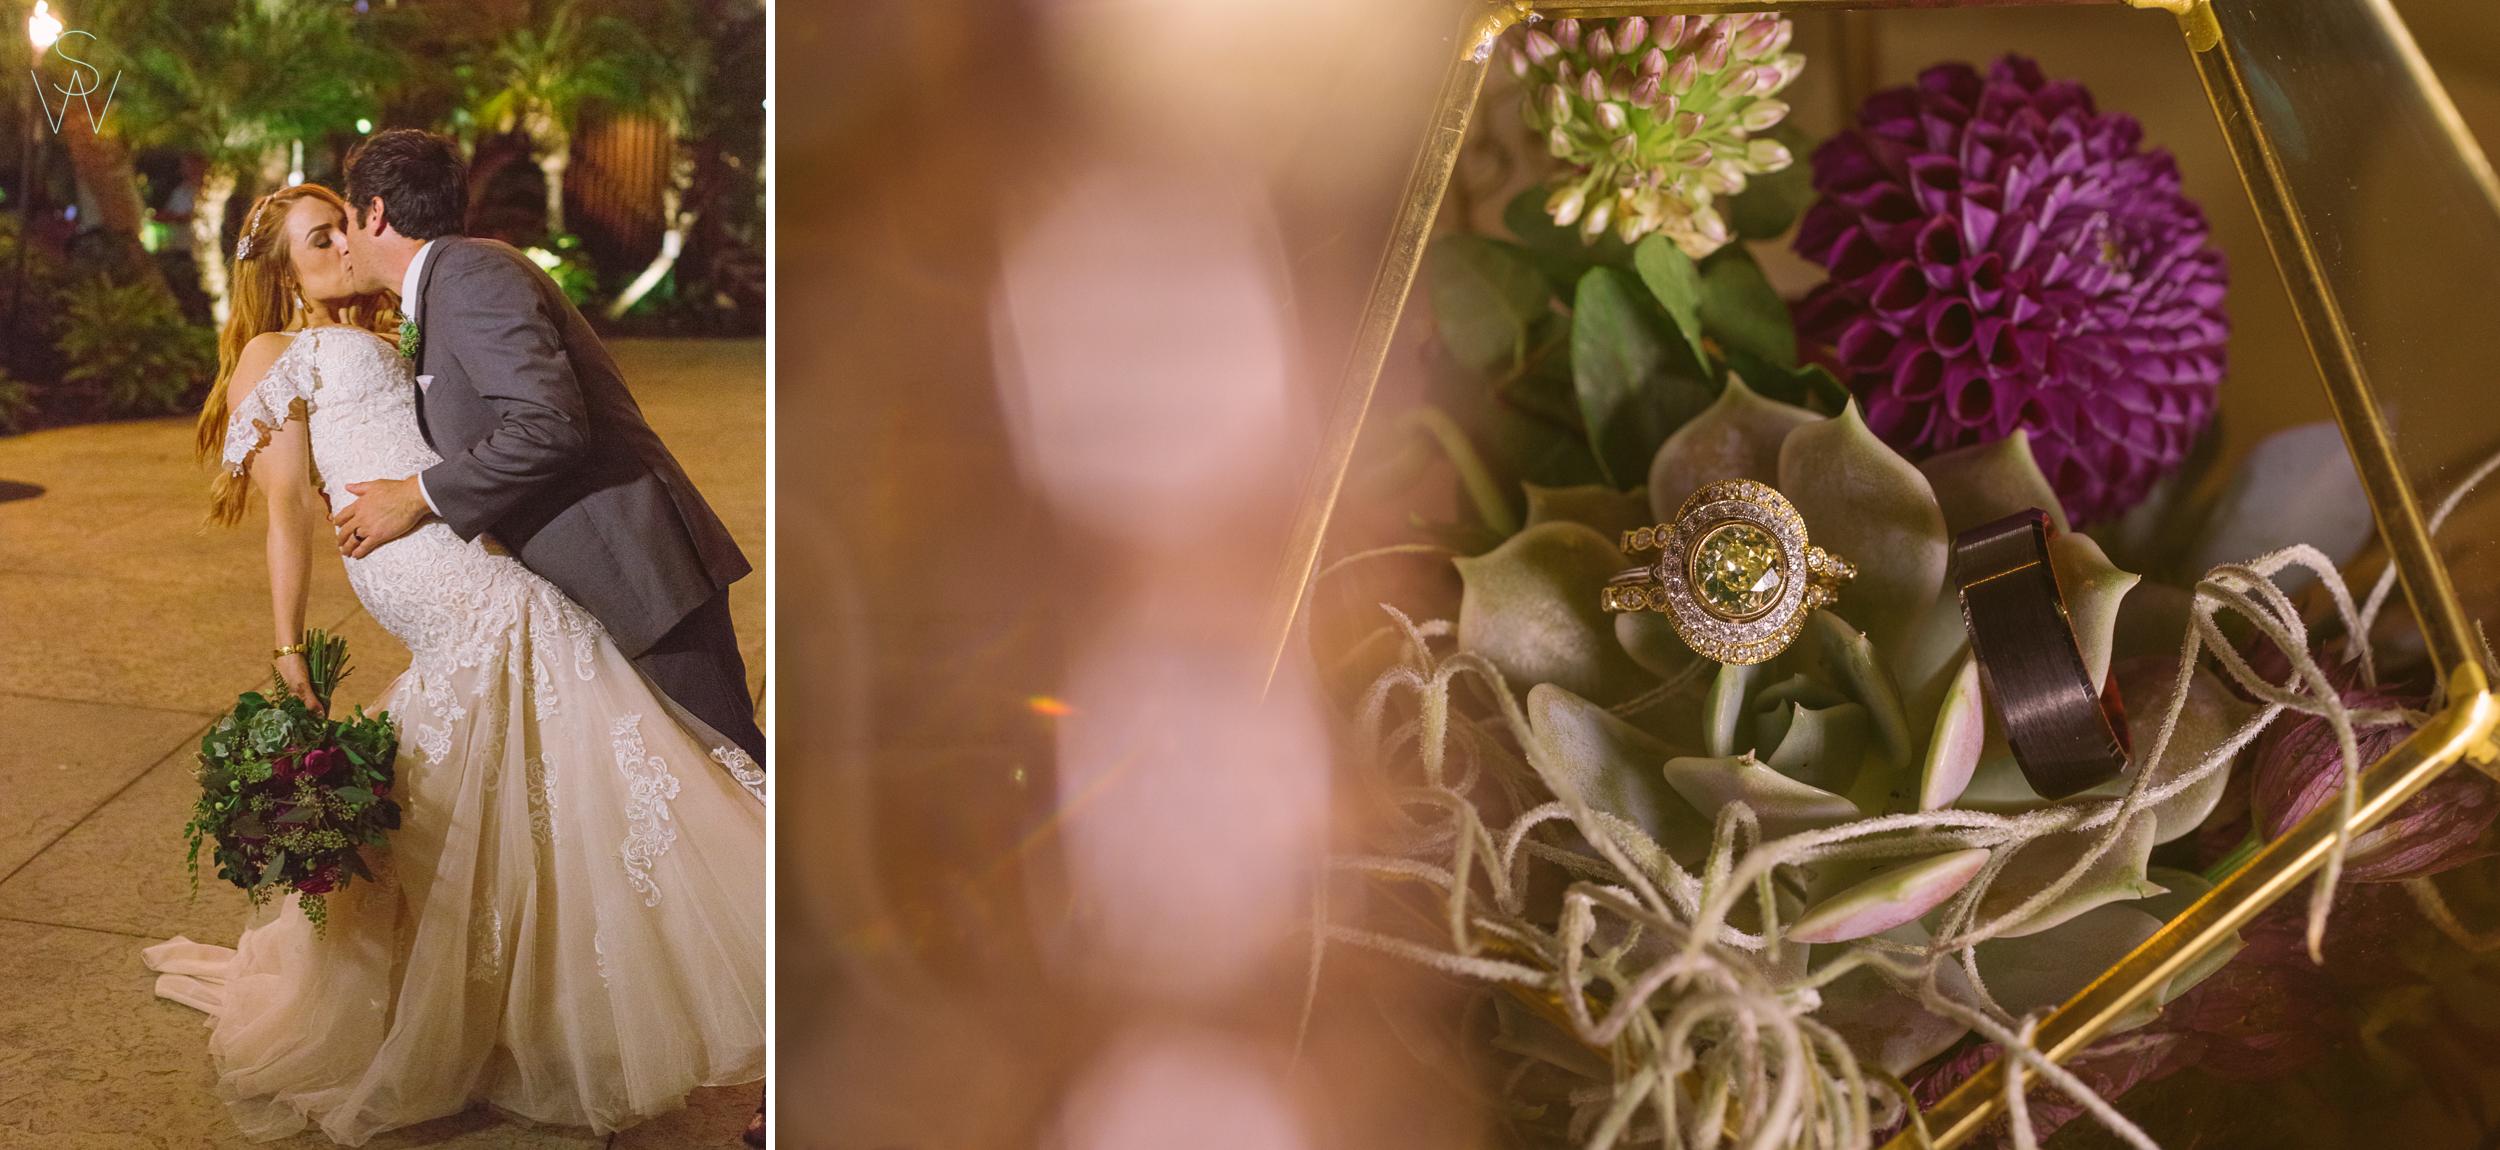 203San.diego.wedding.shewanders.photography.JPG